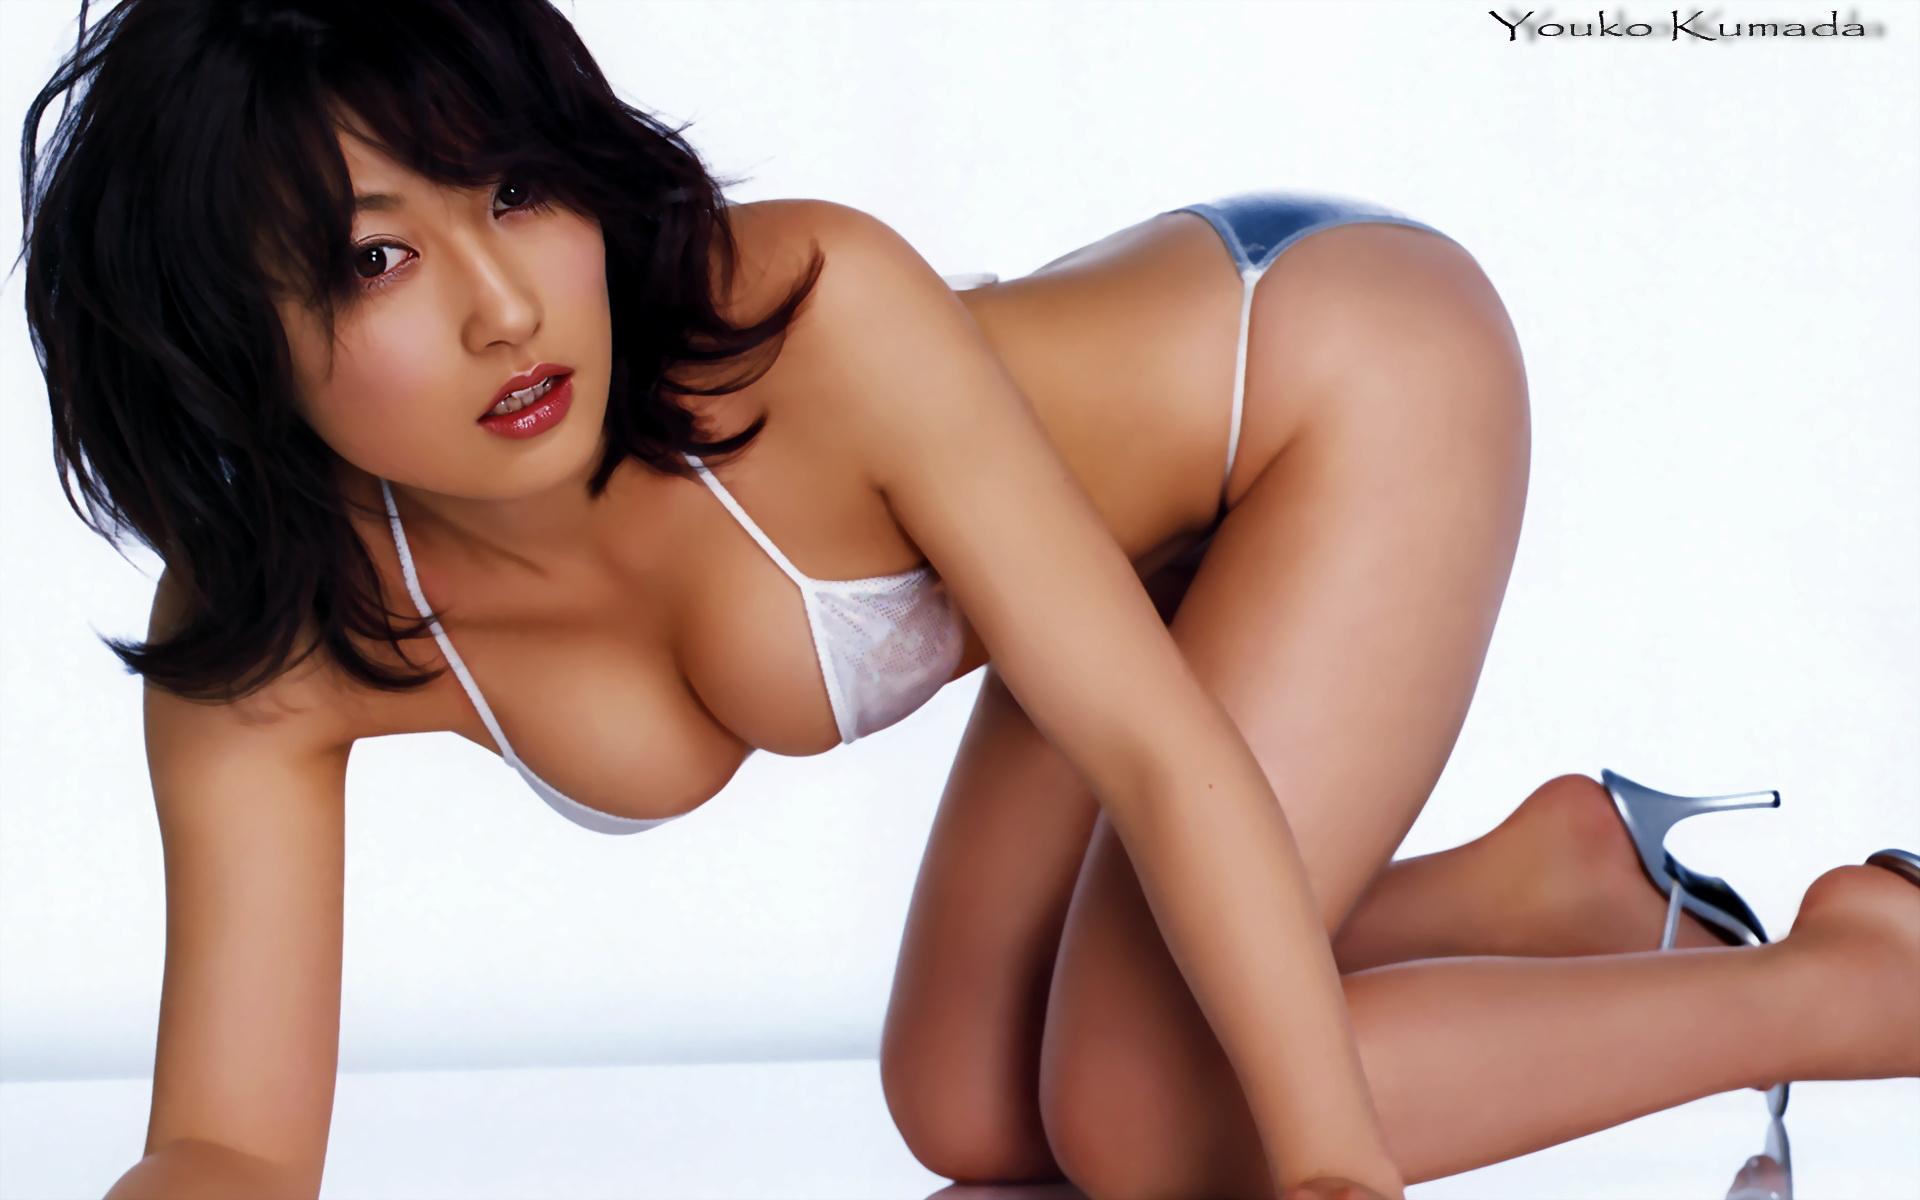 image http://scanlover.com/assets/images/47-VJJz2qsaHQ0WZqwZ.jpeg